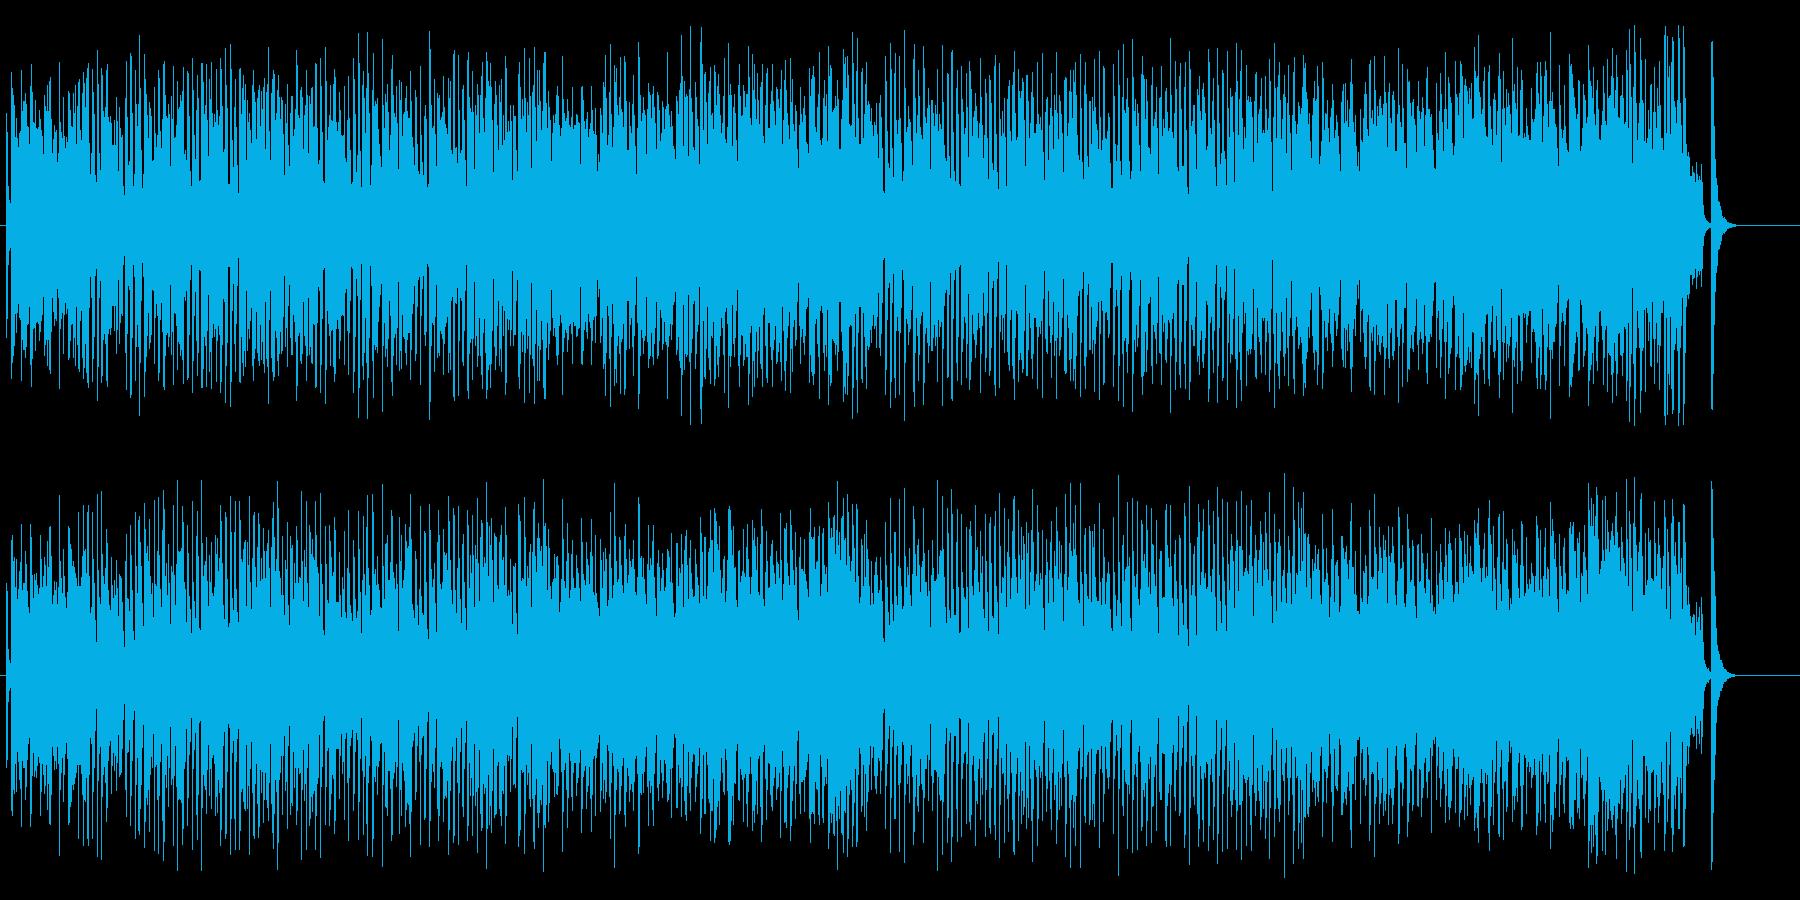 かわいくコミカル素朴でお洒落なポップスの再生済みの波形